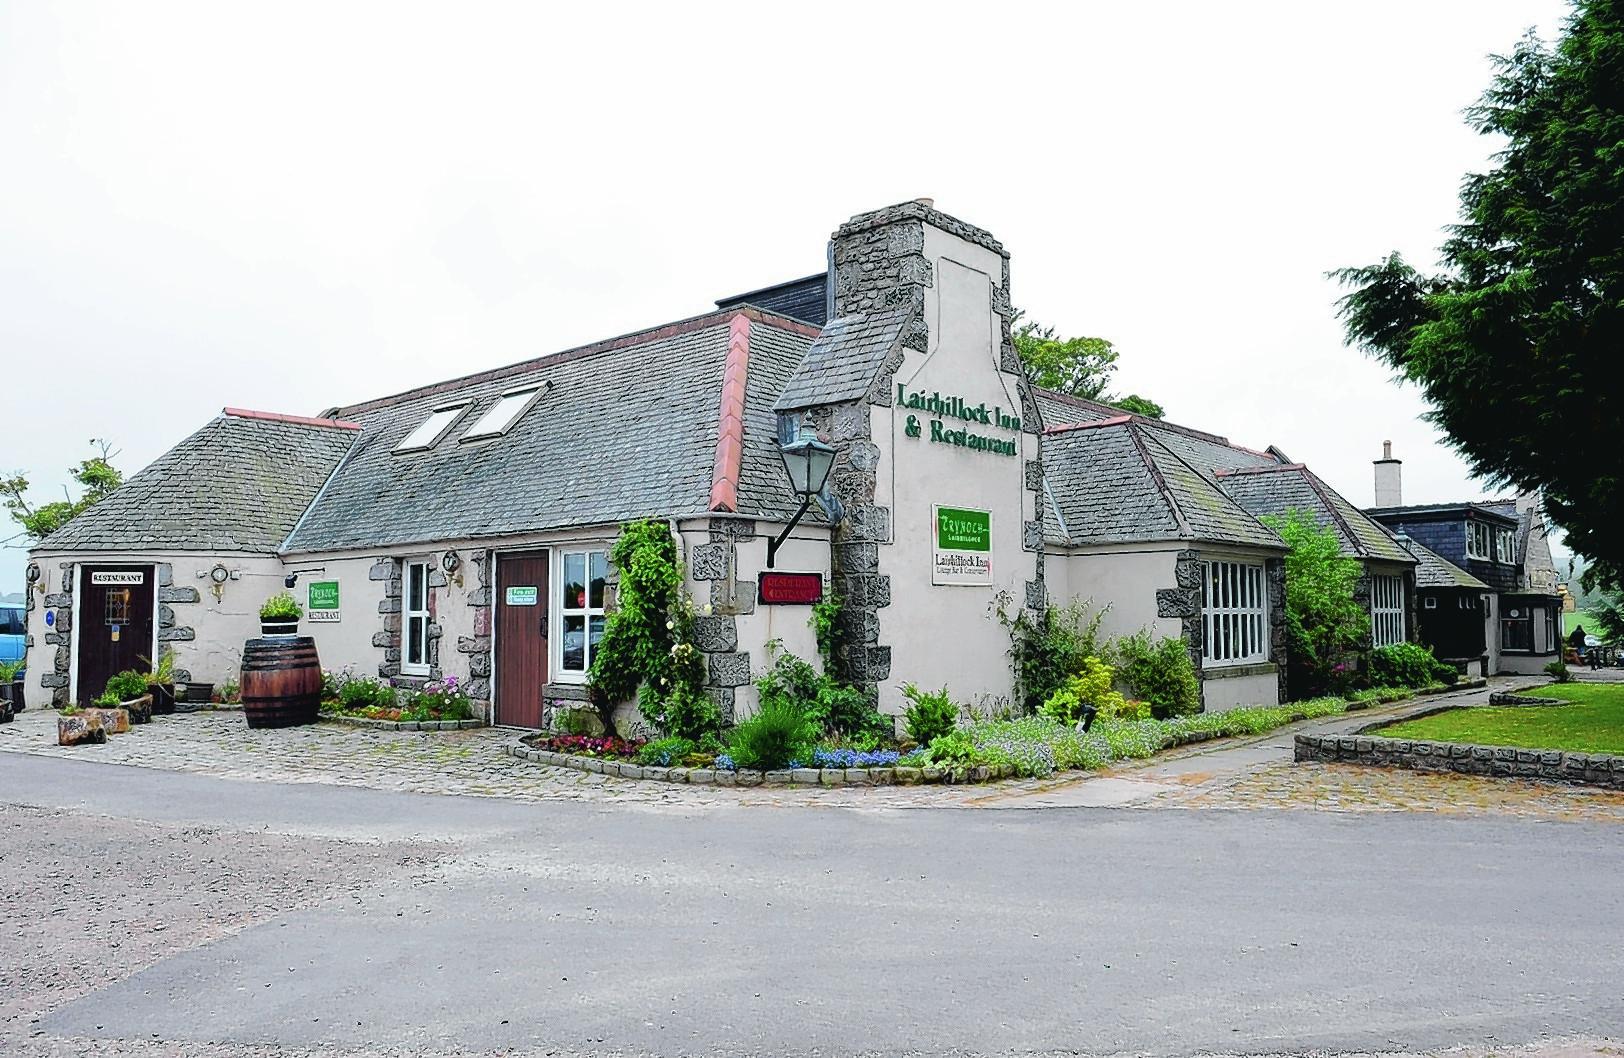 The Lairhillock inn